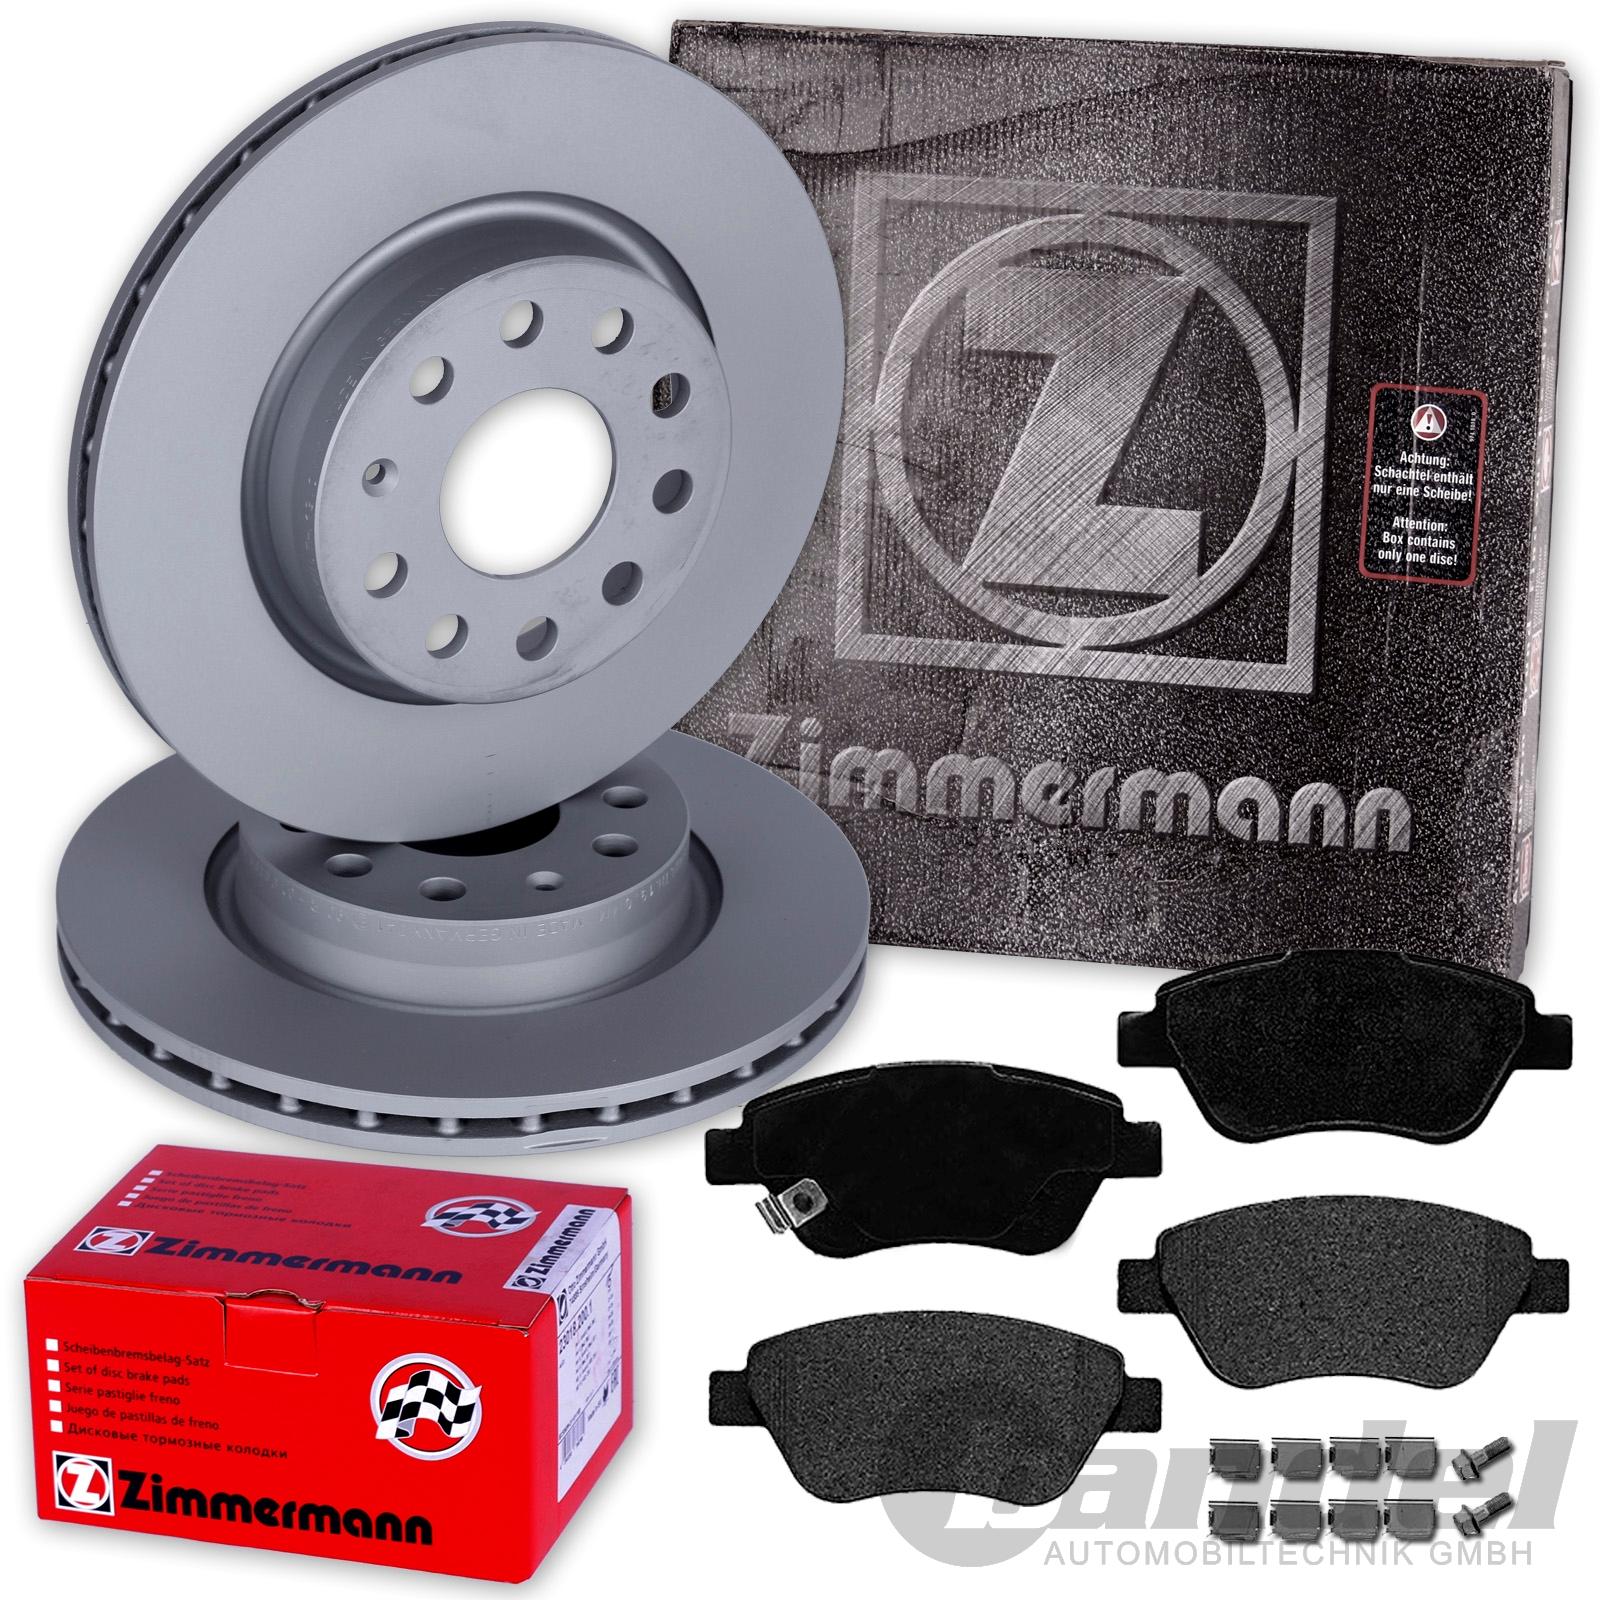 zimmermann bremsscheiben 257mm bel ftet bel ge vorne. Black Bedroom Furniture Sets. Home Design Ideas